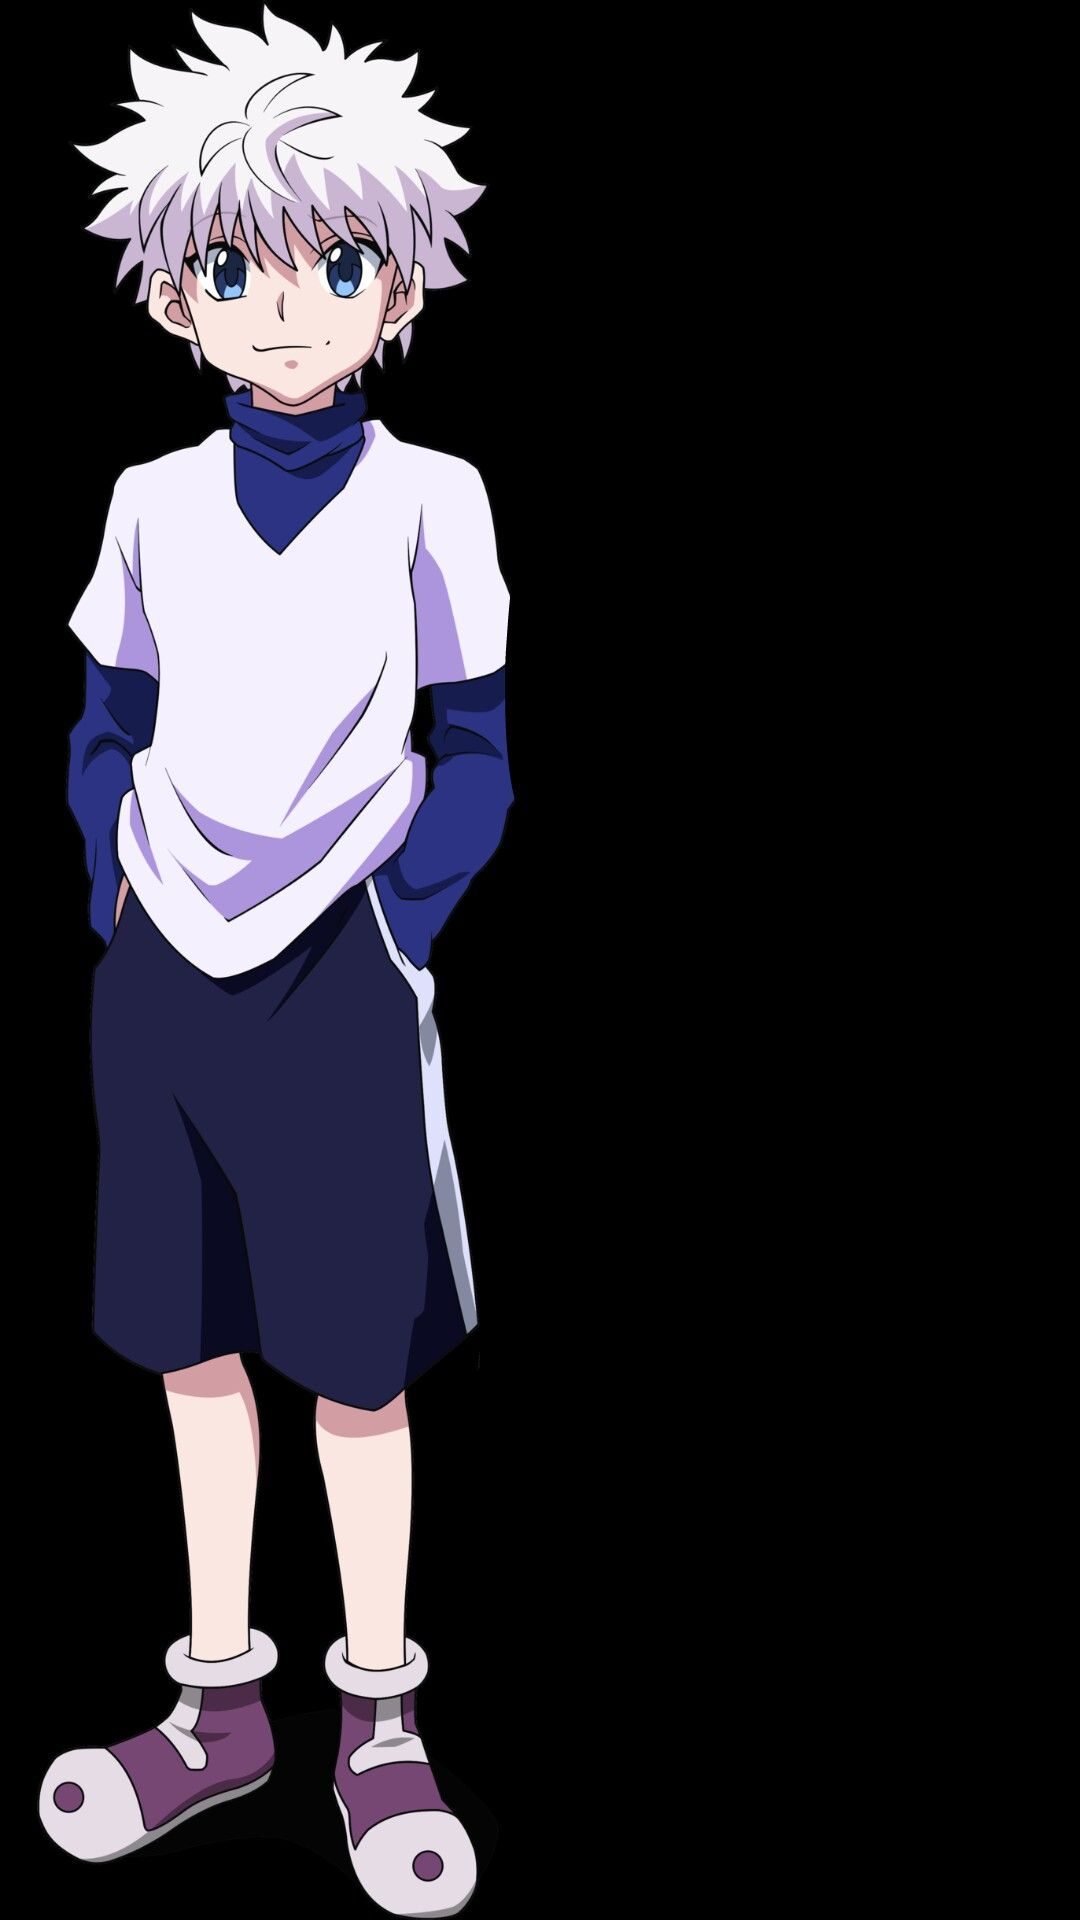 Killua Hunter Anime Hunter X Hunter Anime Wallpaper Phone